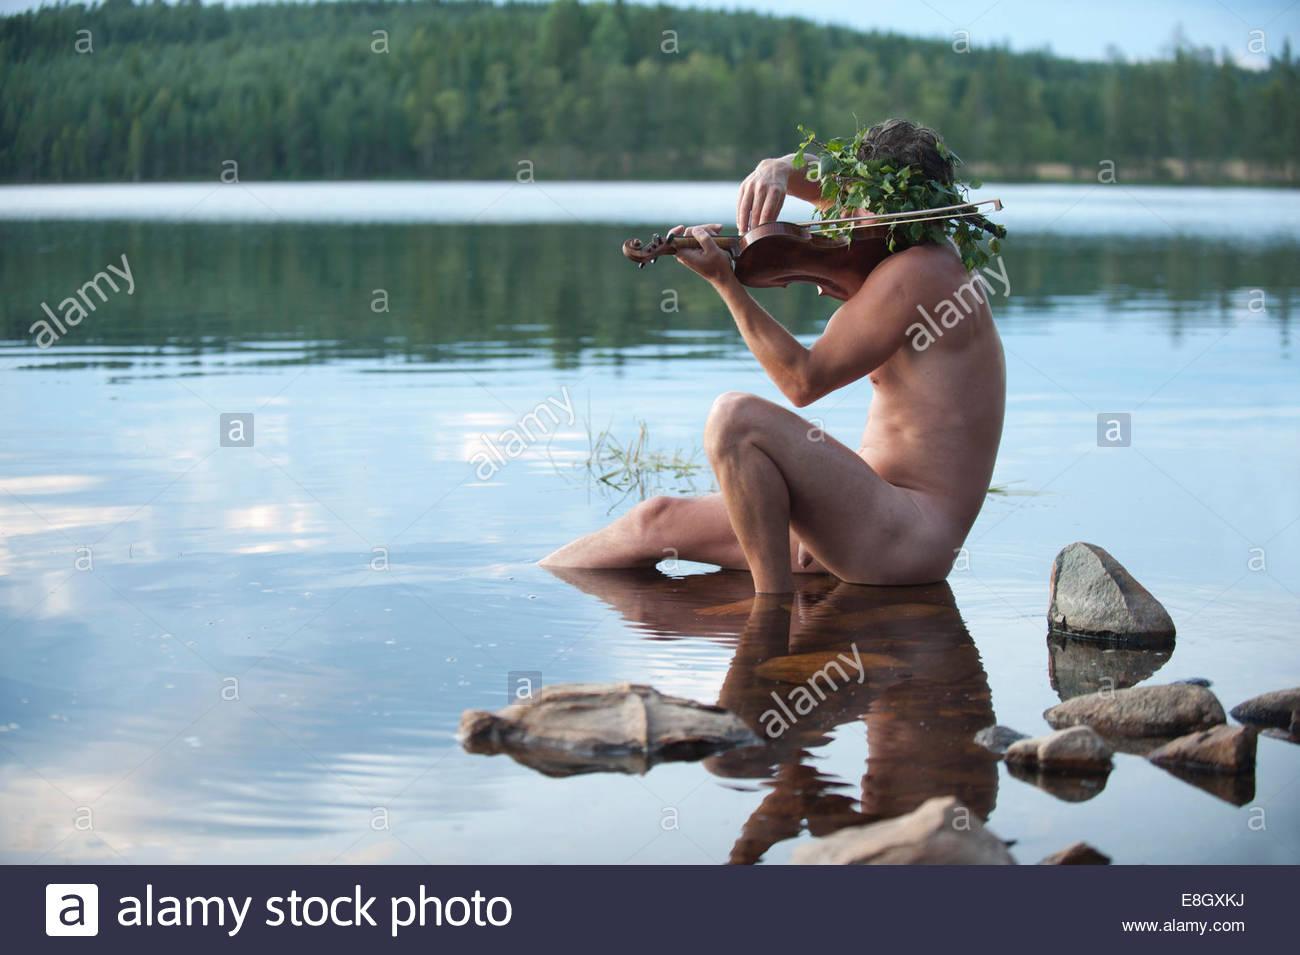 Vista lateral del espíritu del agua a tocar el violín en el lago Foto de stock